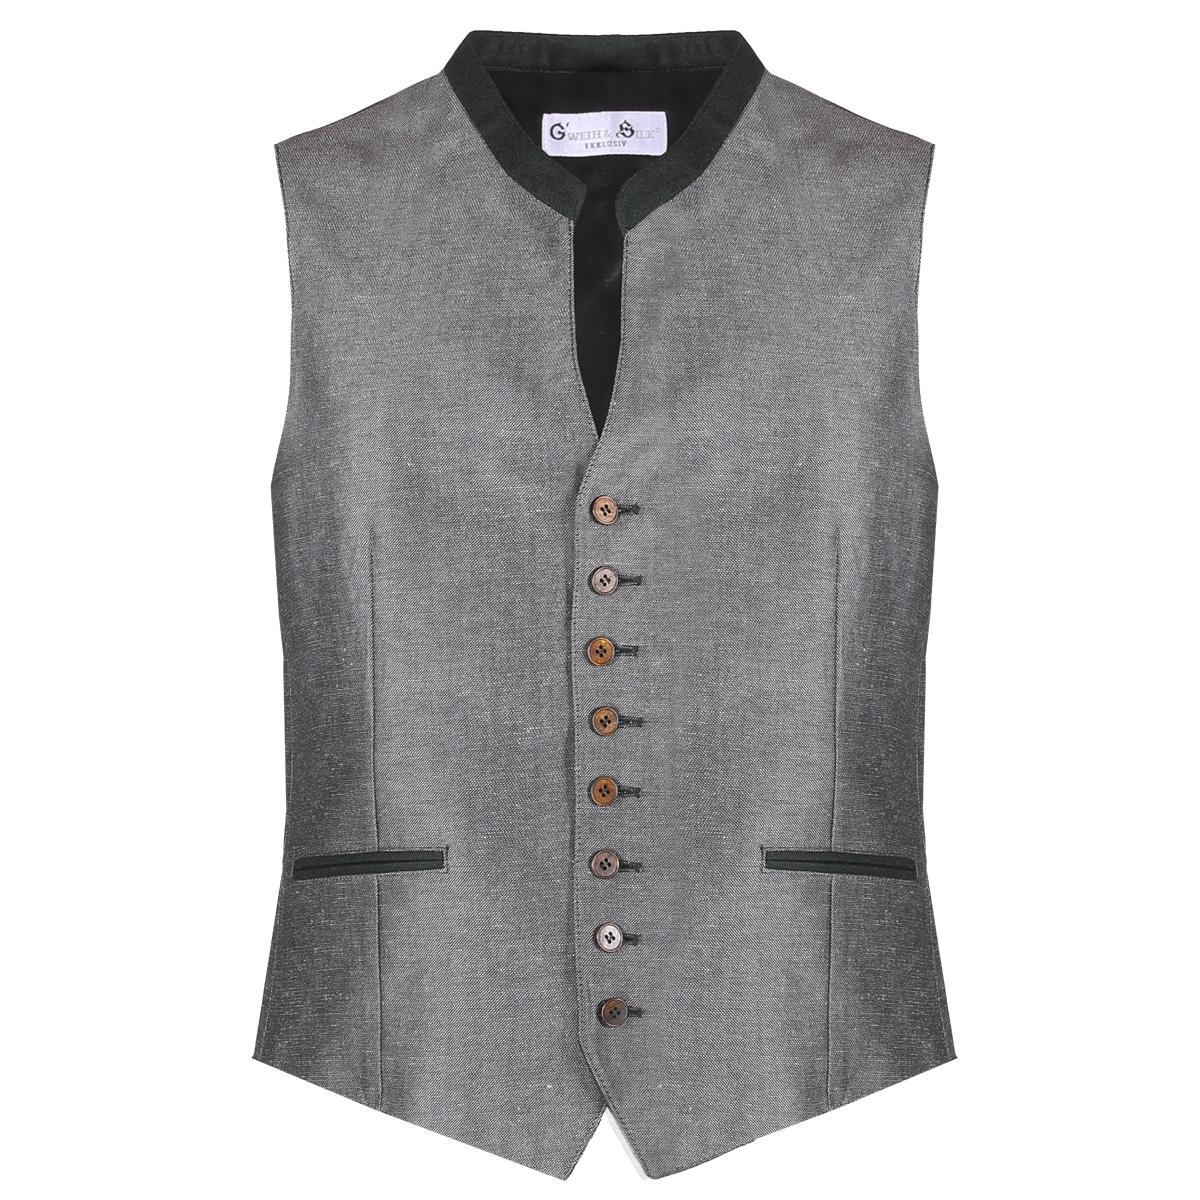 Trachtenweste Chris in Grau von Gweih & Silk günstig online kaufen